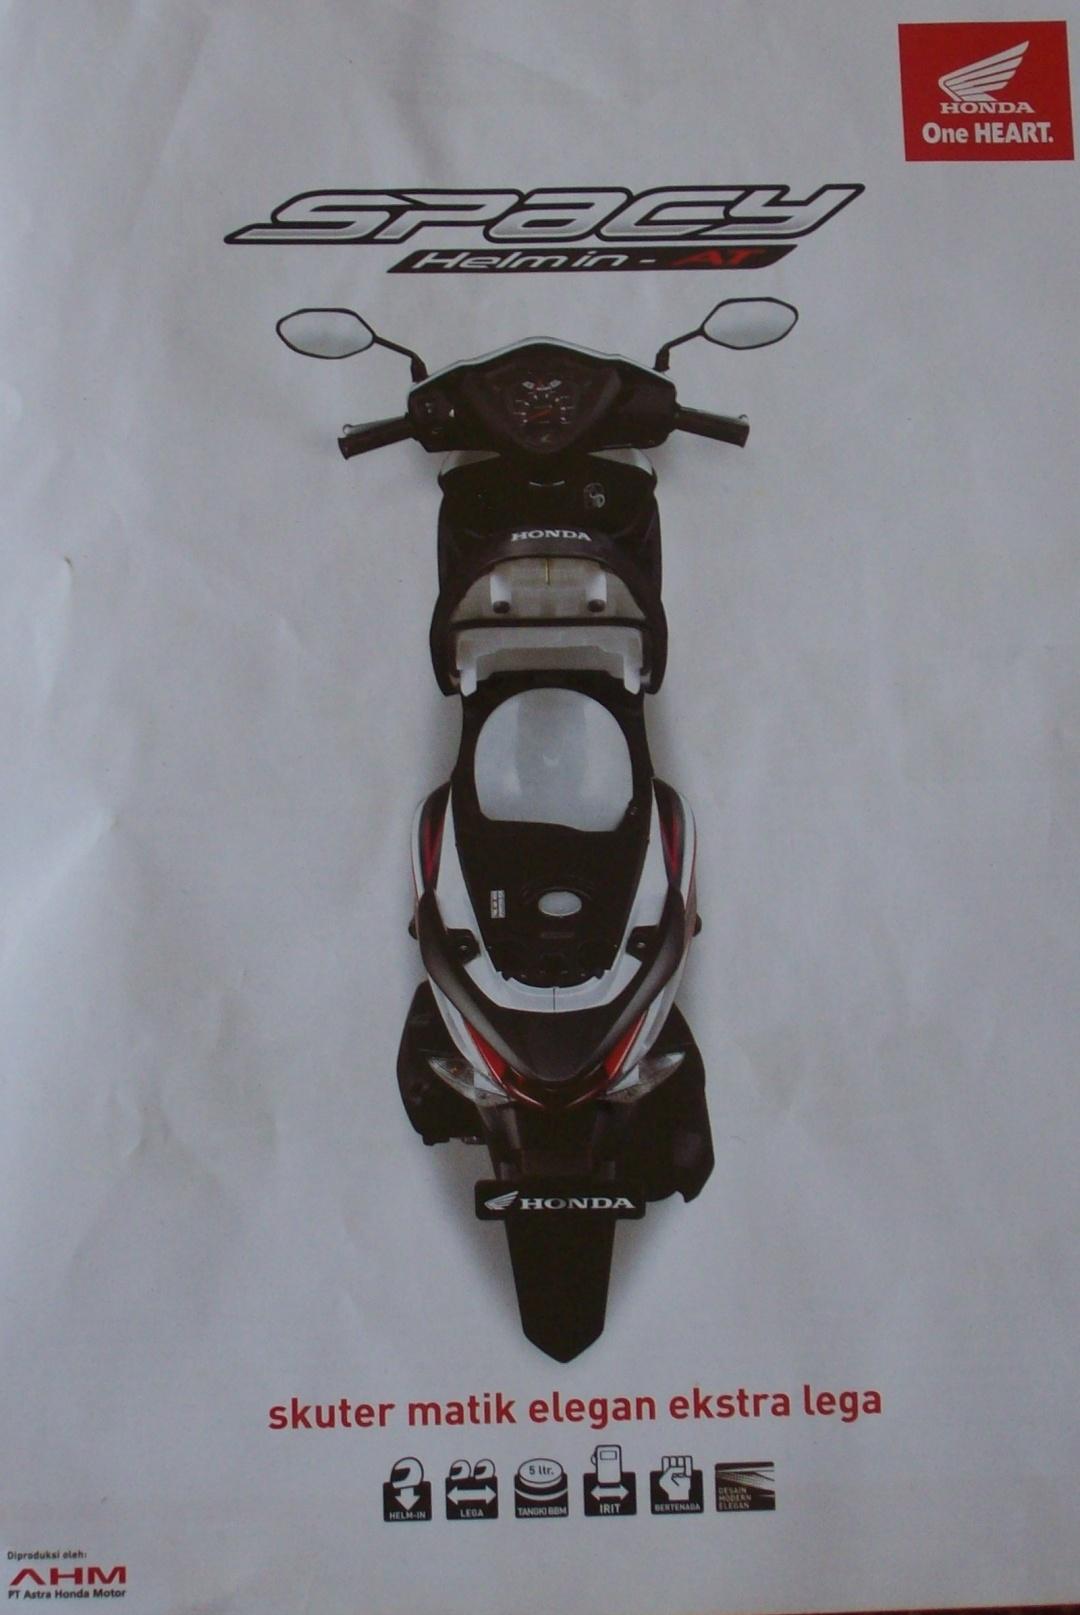 Honda spacy Helm- in CW